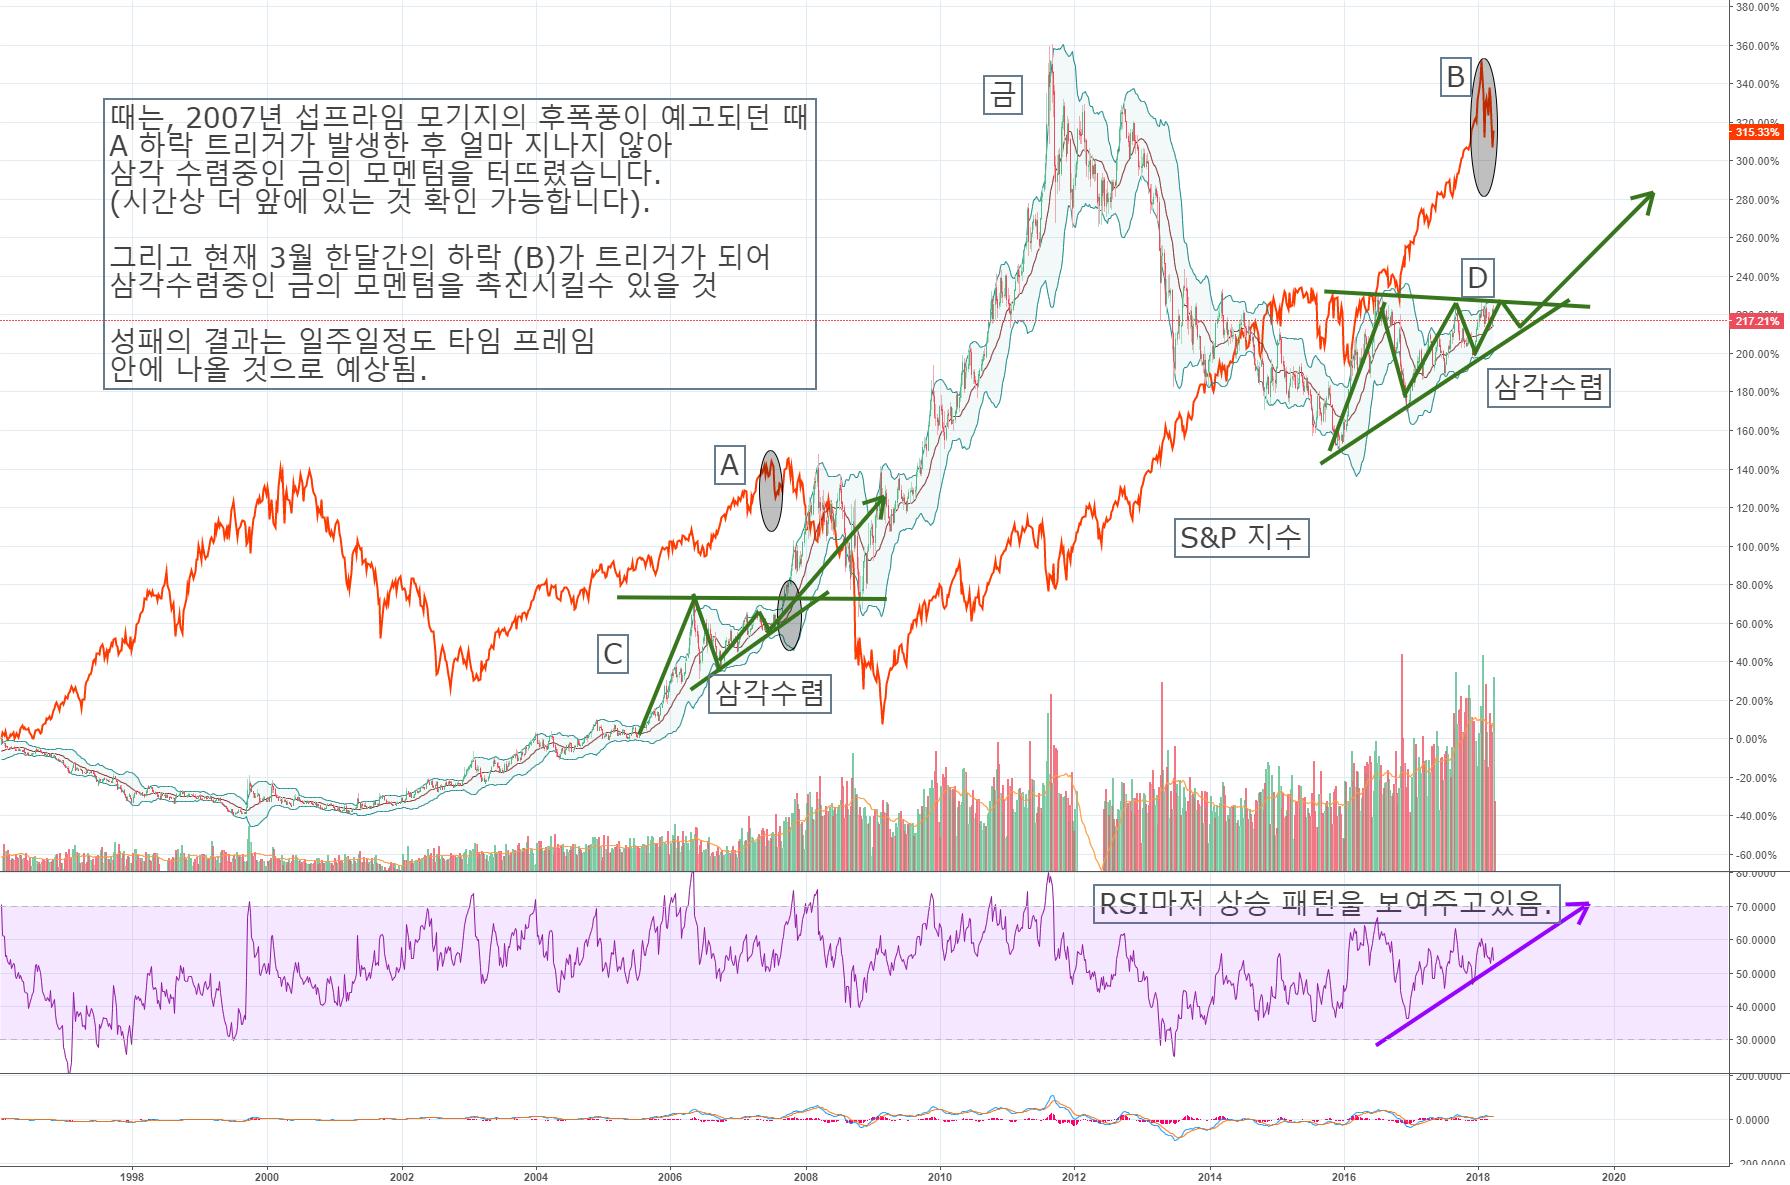 [Tj] 암호화폐 시장 전망과 미증시에 따른 금 매매 전략